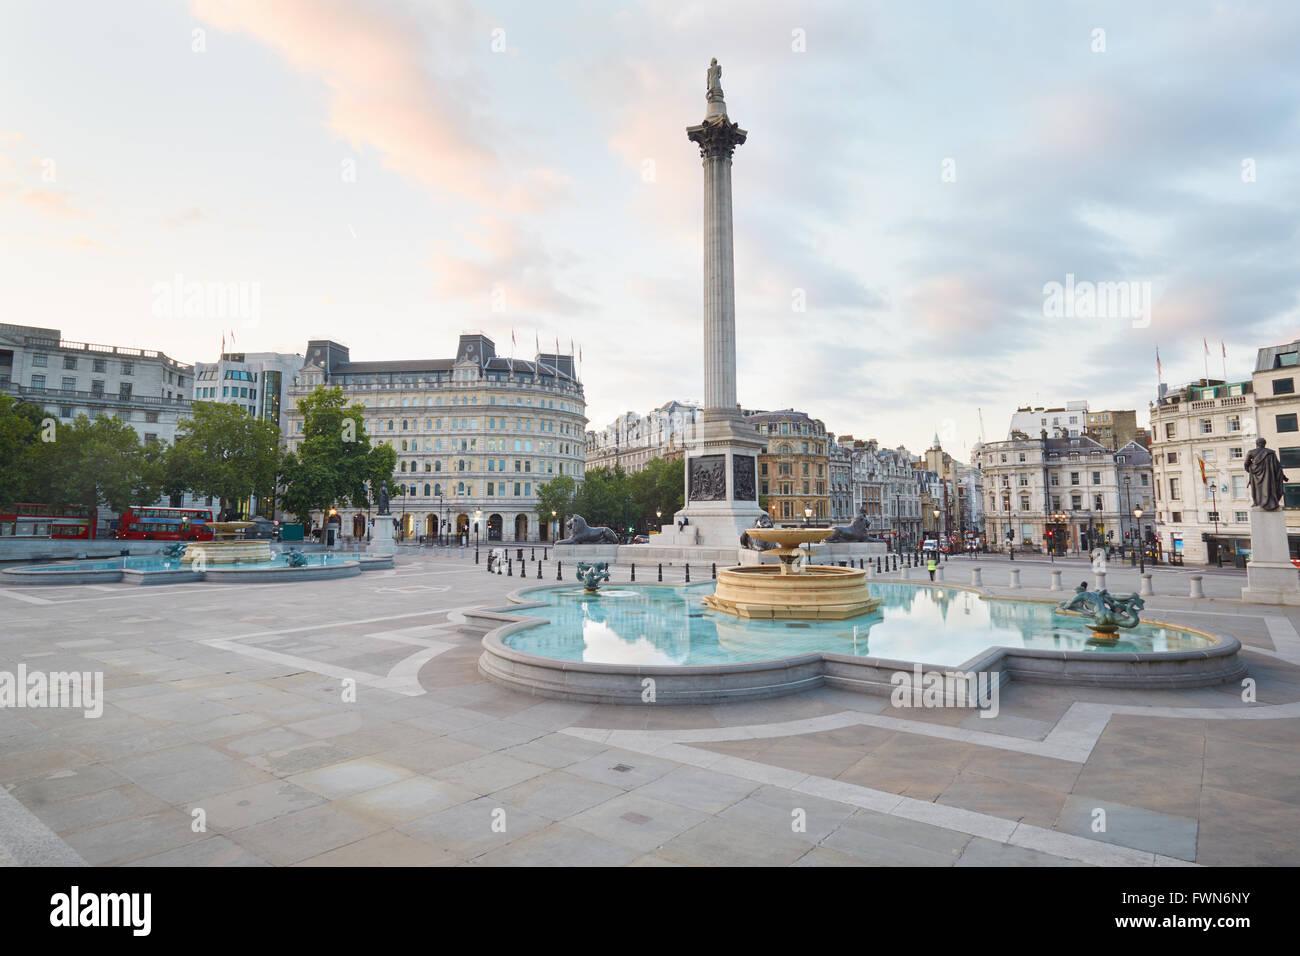 Svuotare Trafalgar square, la mattina presto a Londra, nessuno Immagini Stock